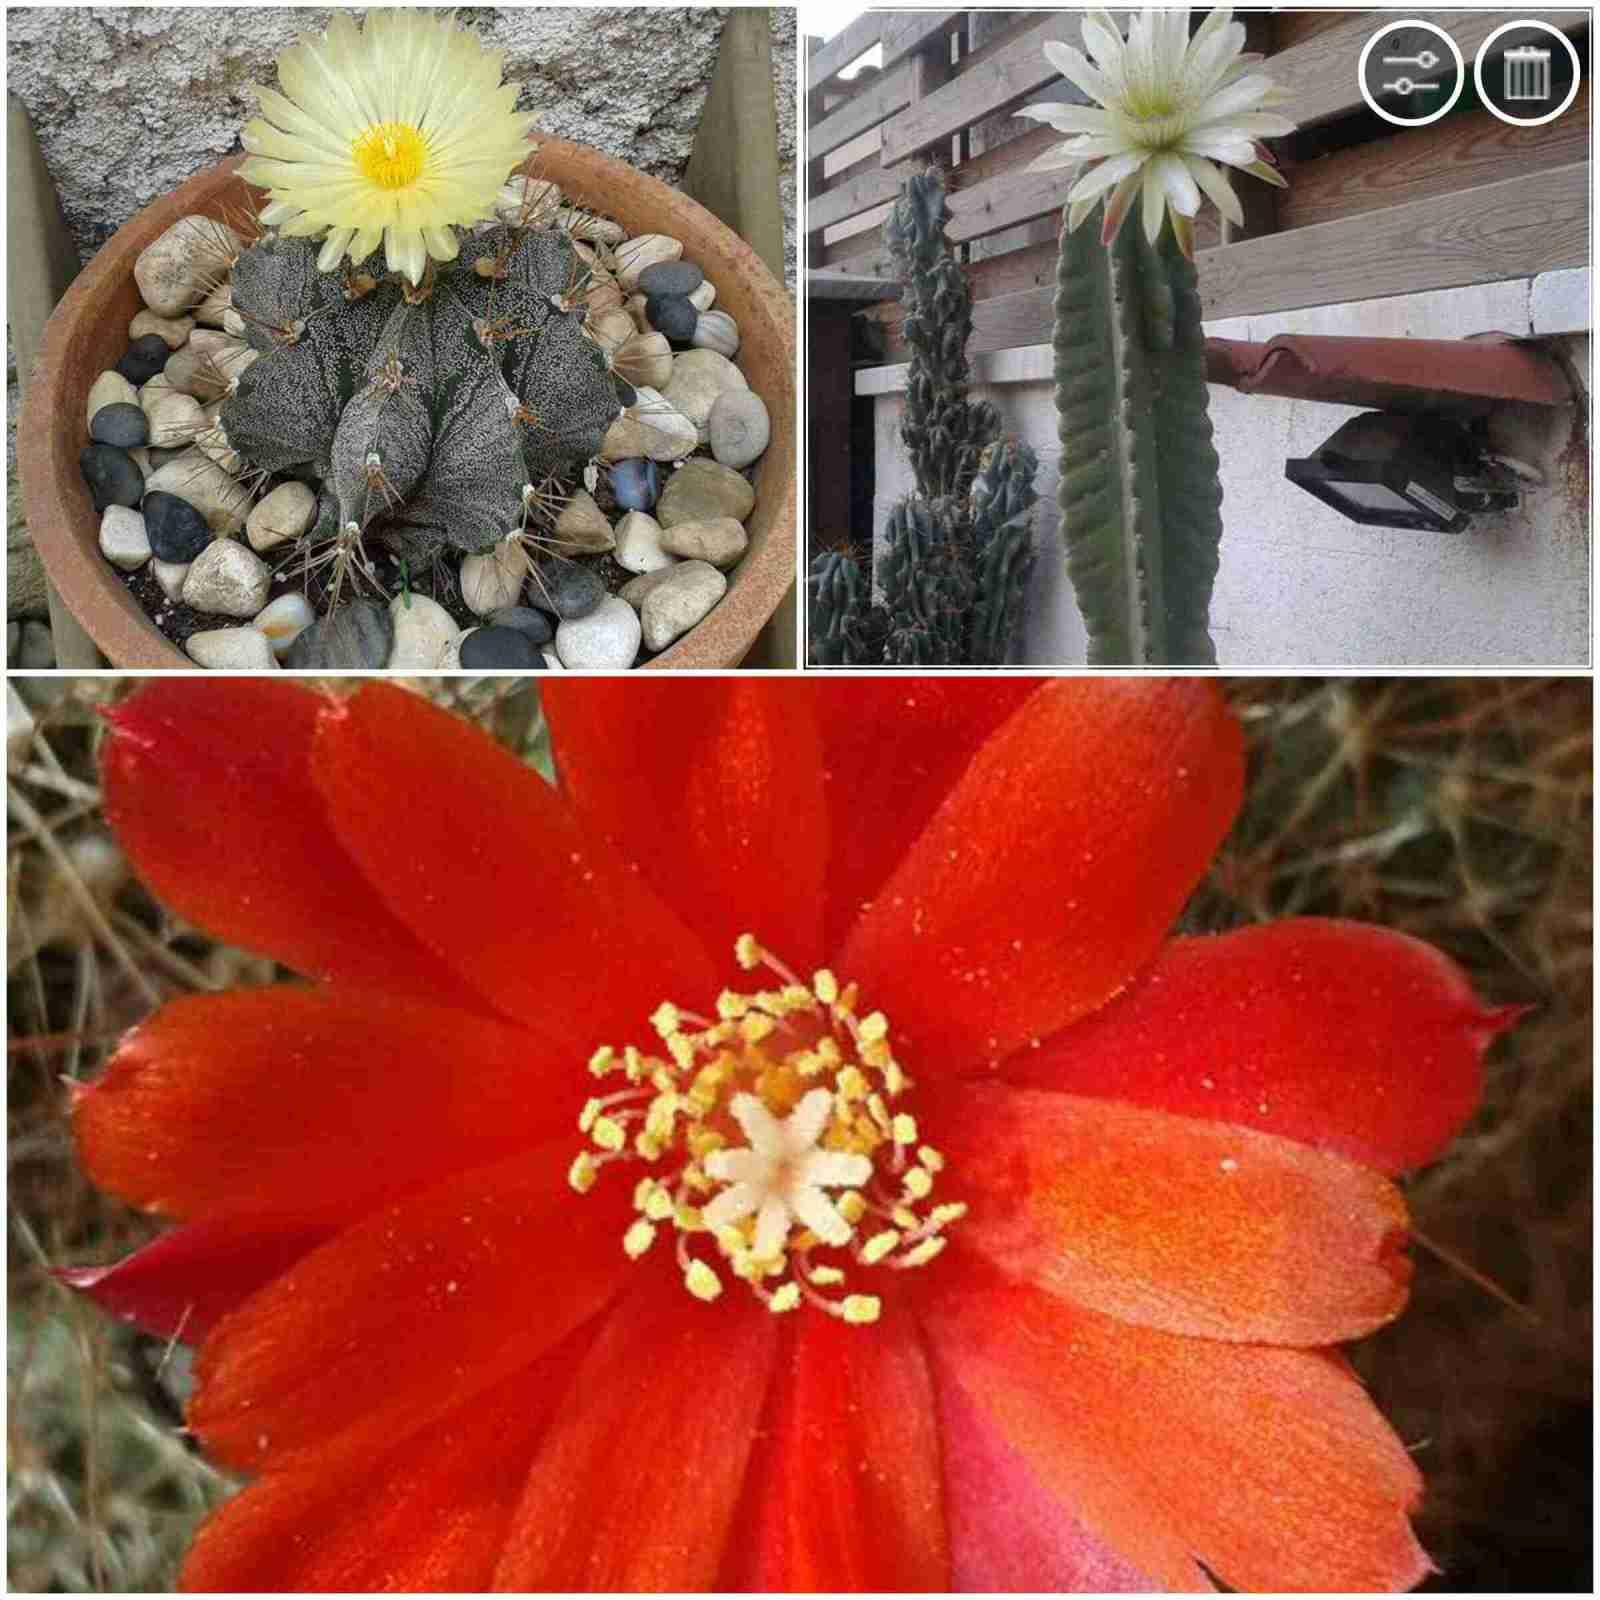 Cactus San Pedro florecido y mas de - Francia Tobon - 1